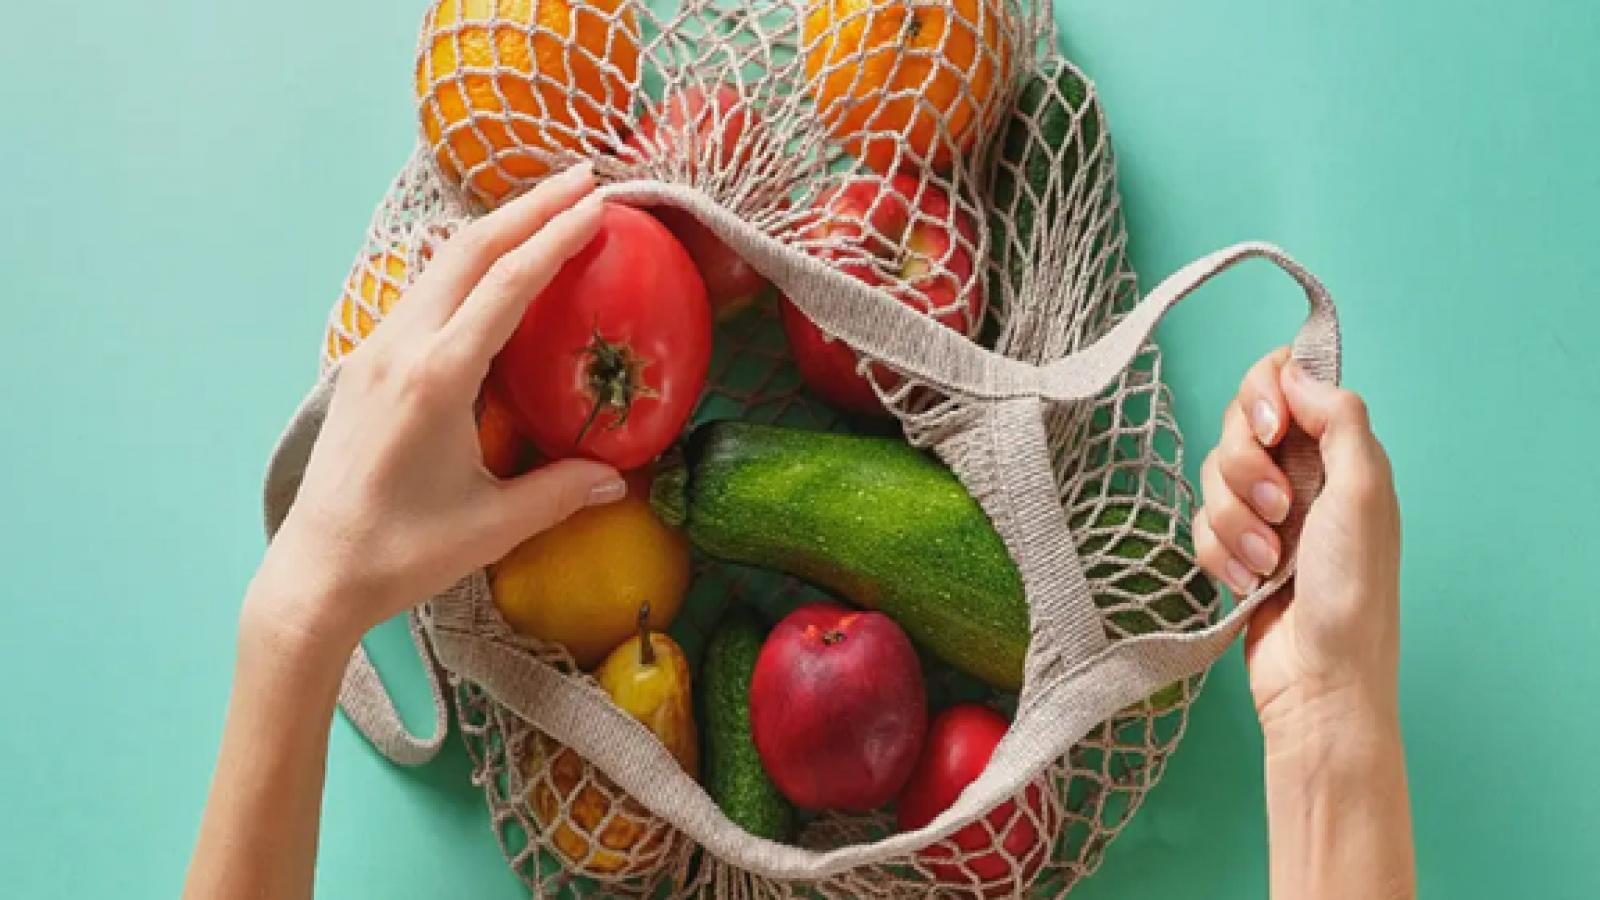 10 loại thực phẩm chứa prebiotic giúp cải thiện sức khỏe hệ tiêu hóa